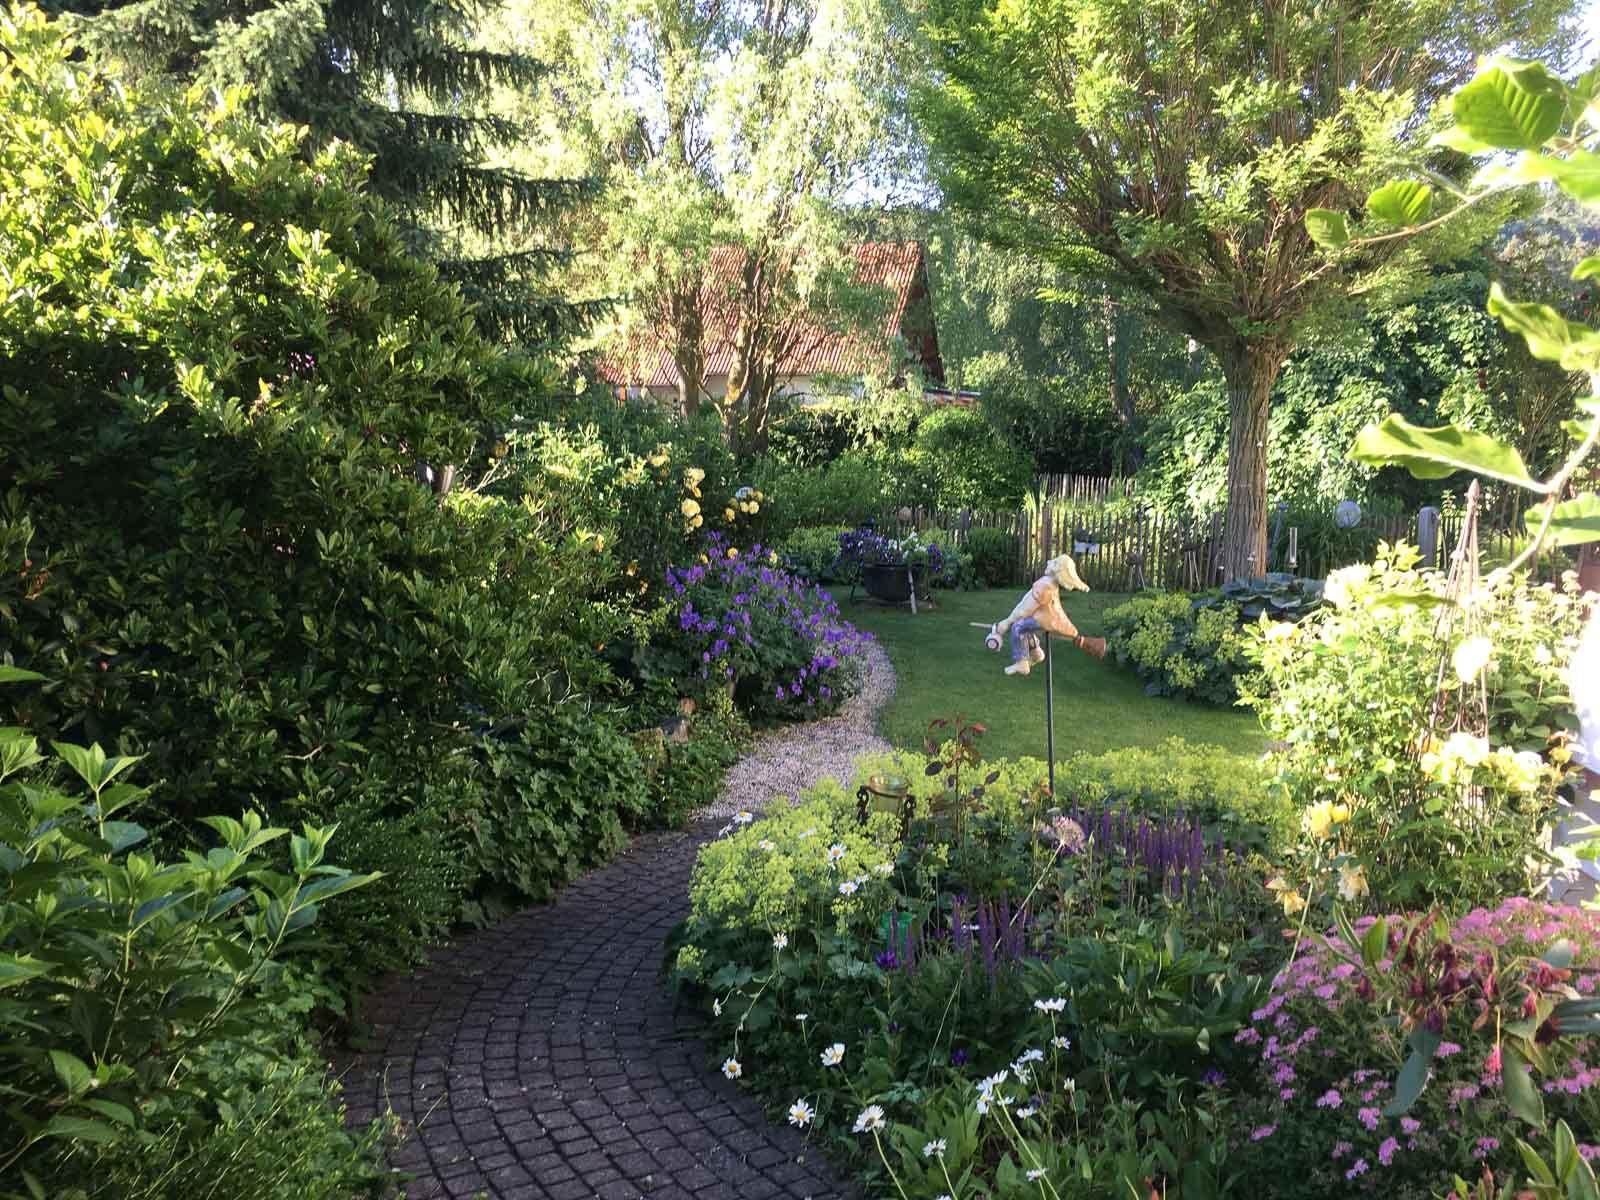 traumgarten ein hessisches kleinod garten fr ulein der garten blog. Black Bedroom Furniture Sets. Home Design Ideas